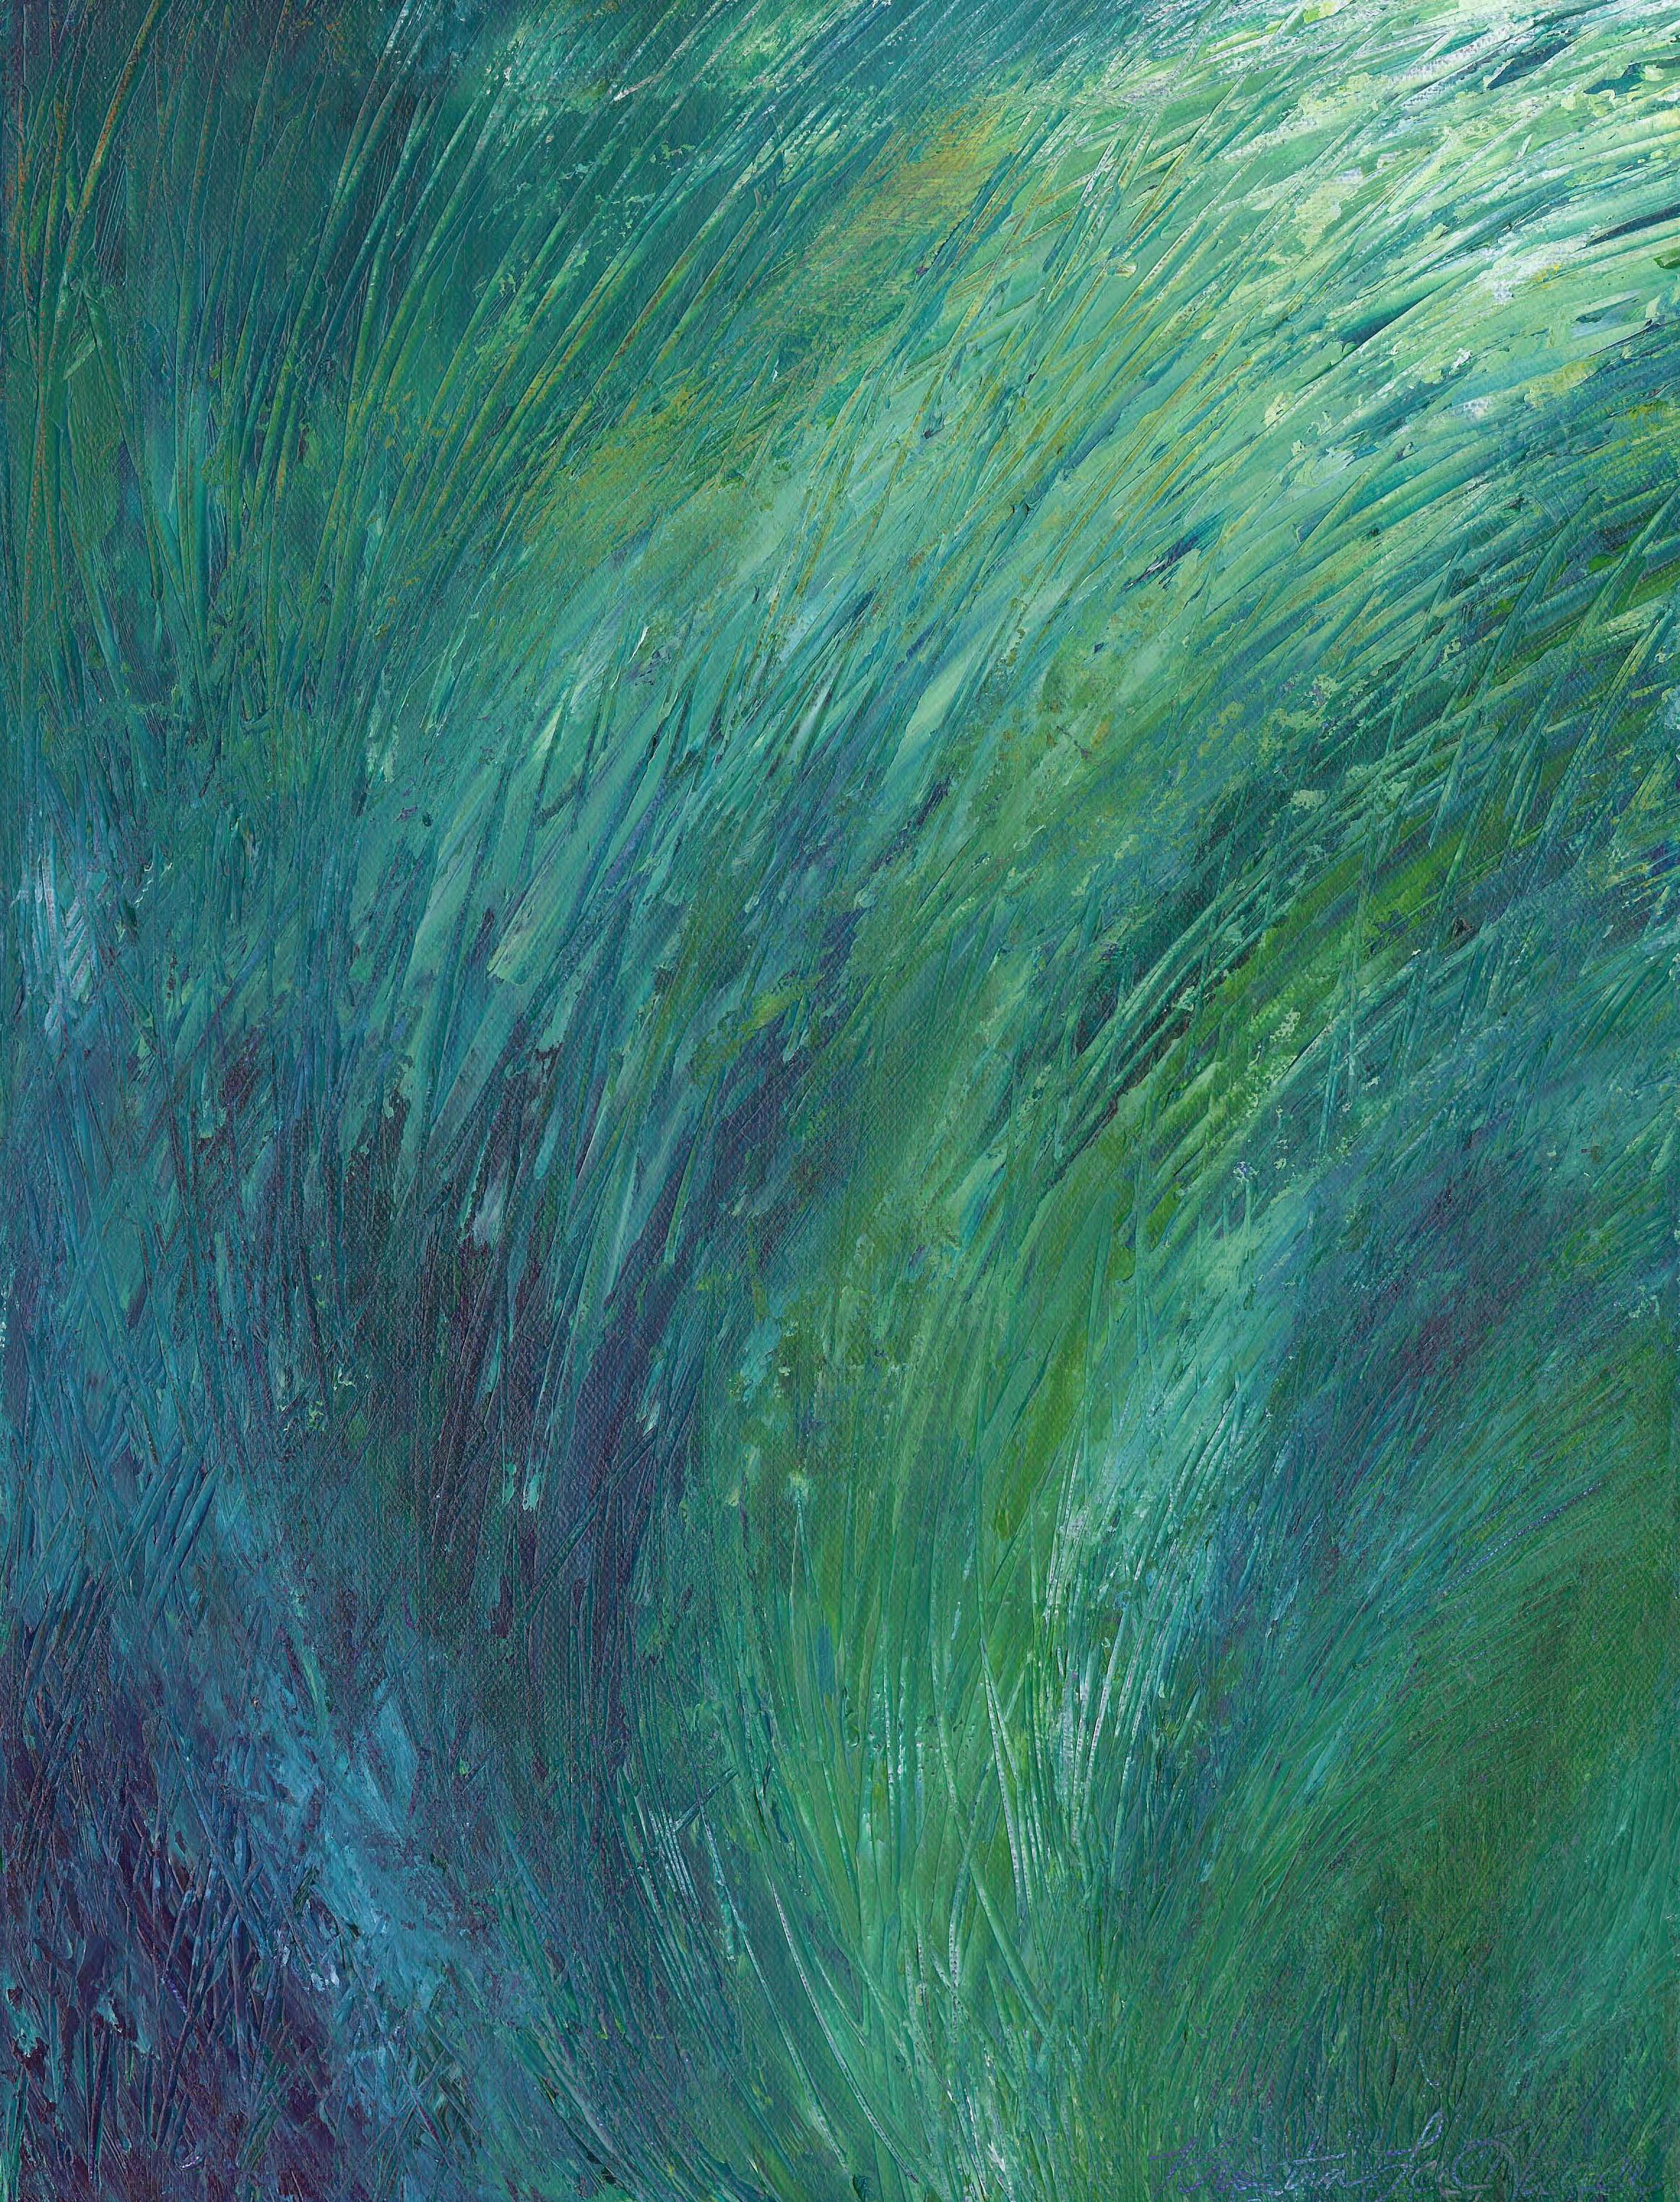 Grassy - Acrylic 12 X 16 - $175